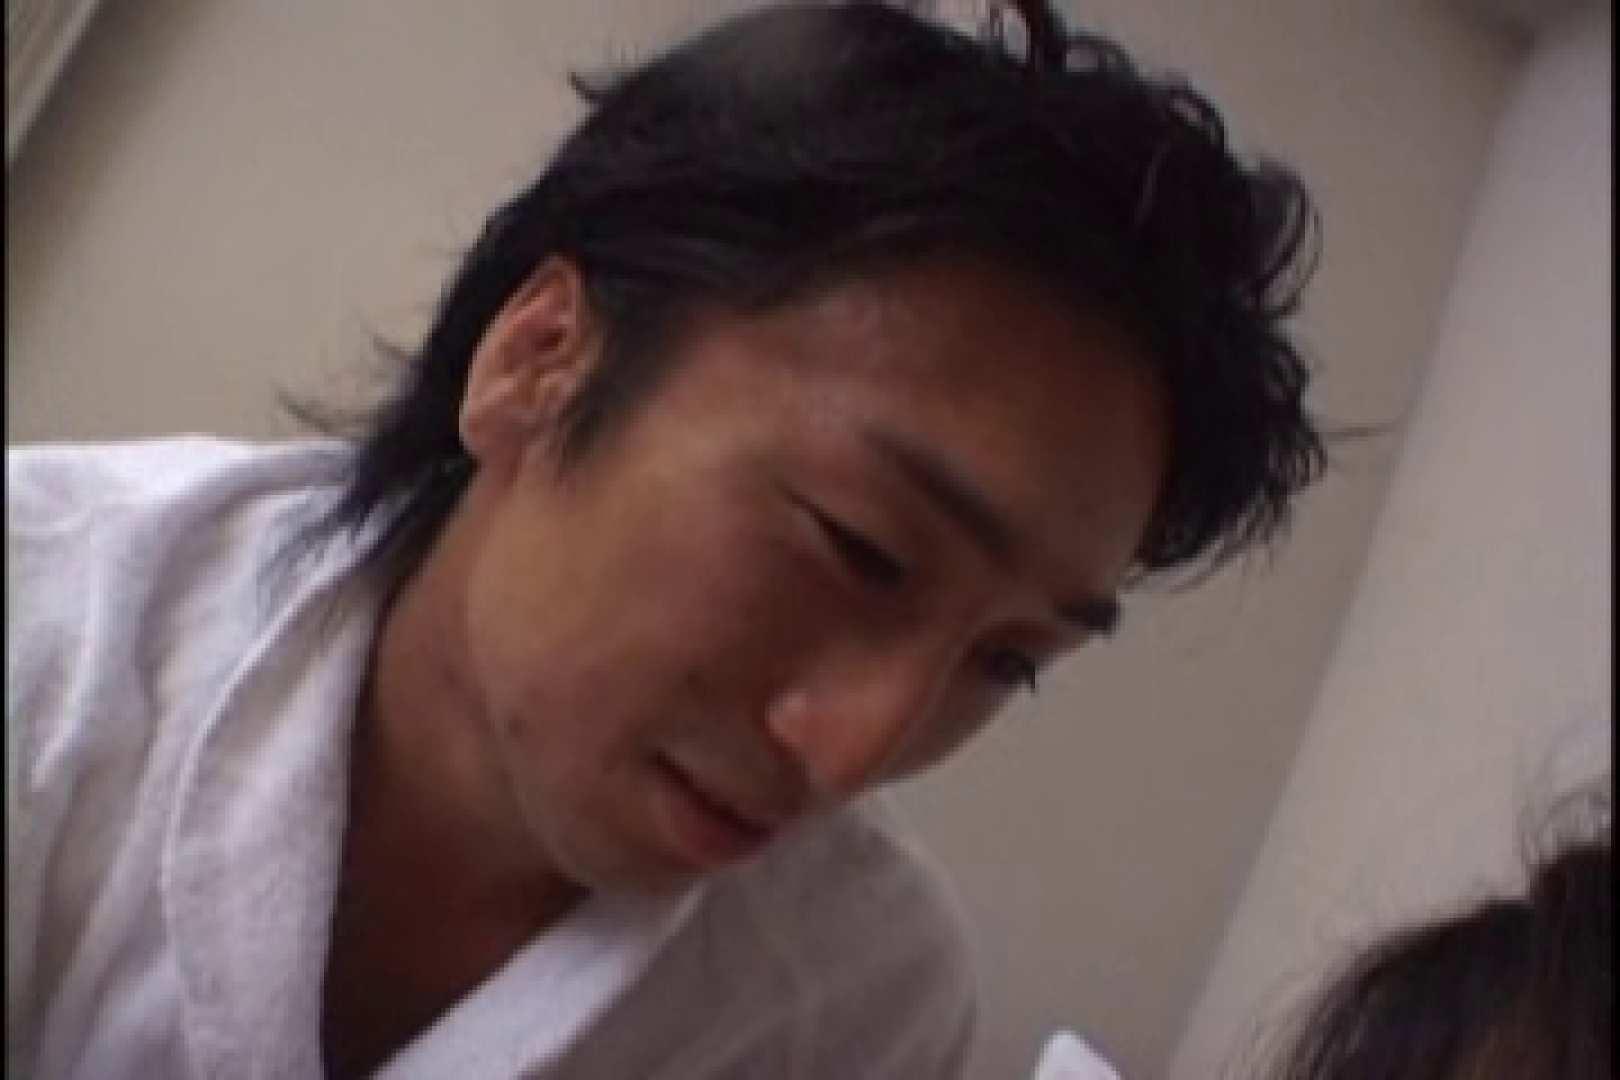 BEST OF イケメン!!男目線のガチSEX vol.04(対女性作品) 男  100pic 80